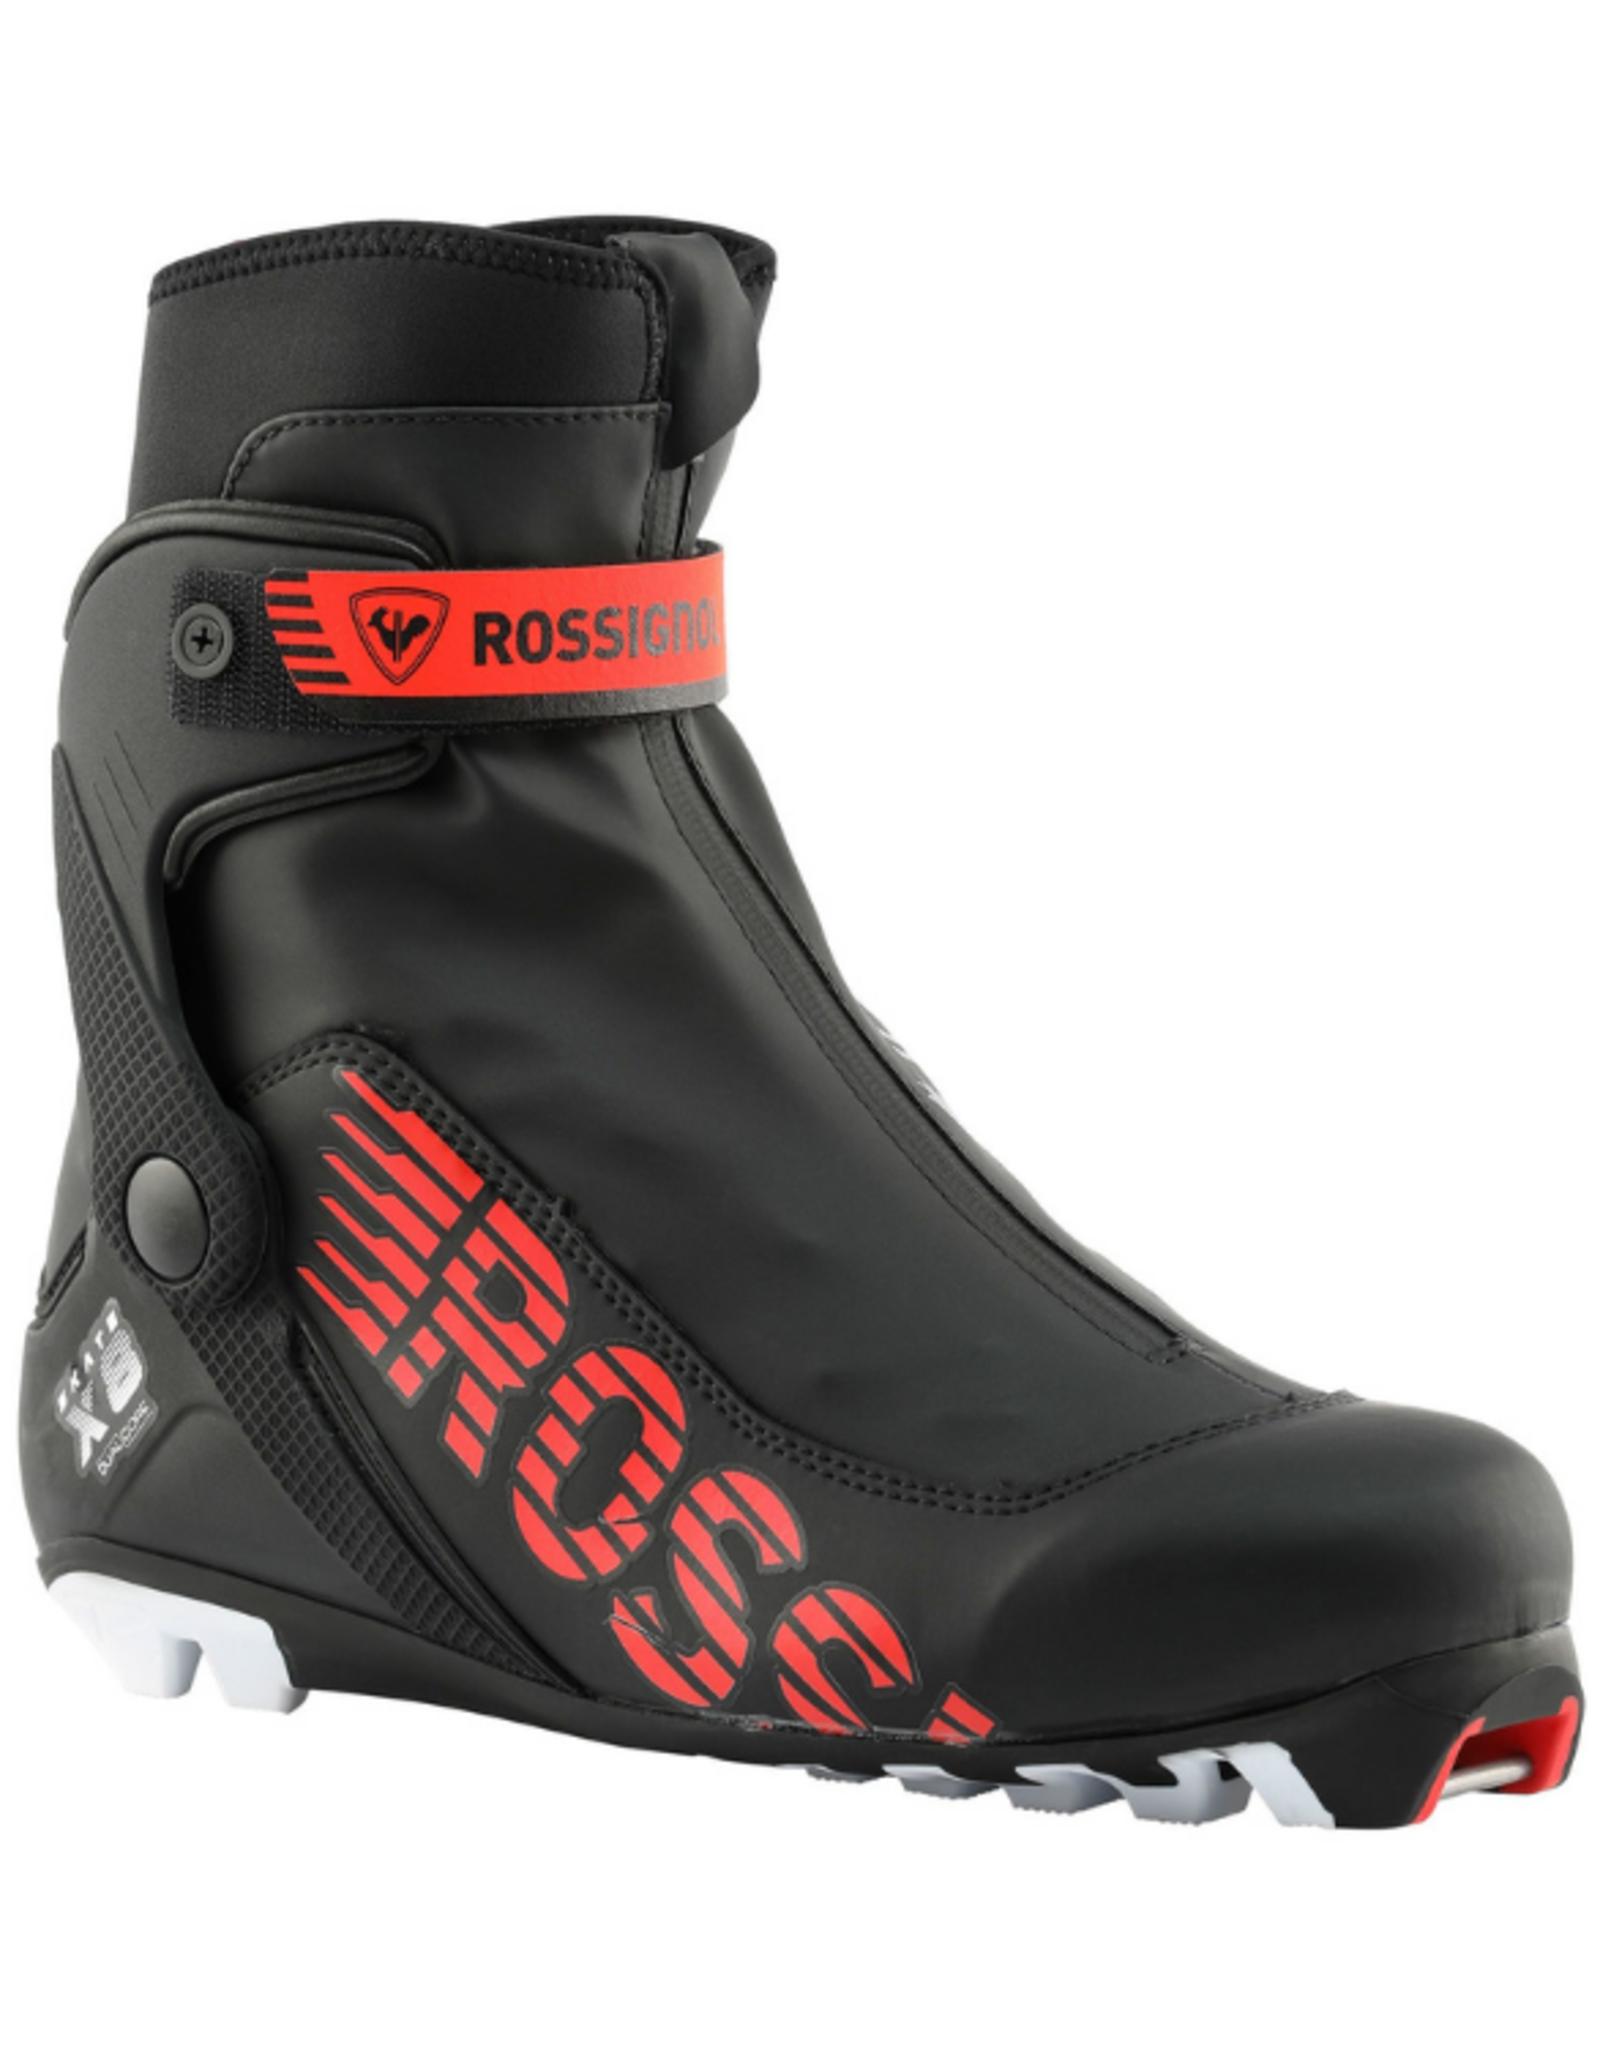 Rossignol Rossignol 2022  X8 SC Skate/Classic Combi Boots -